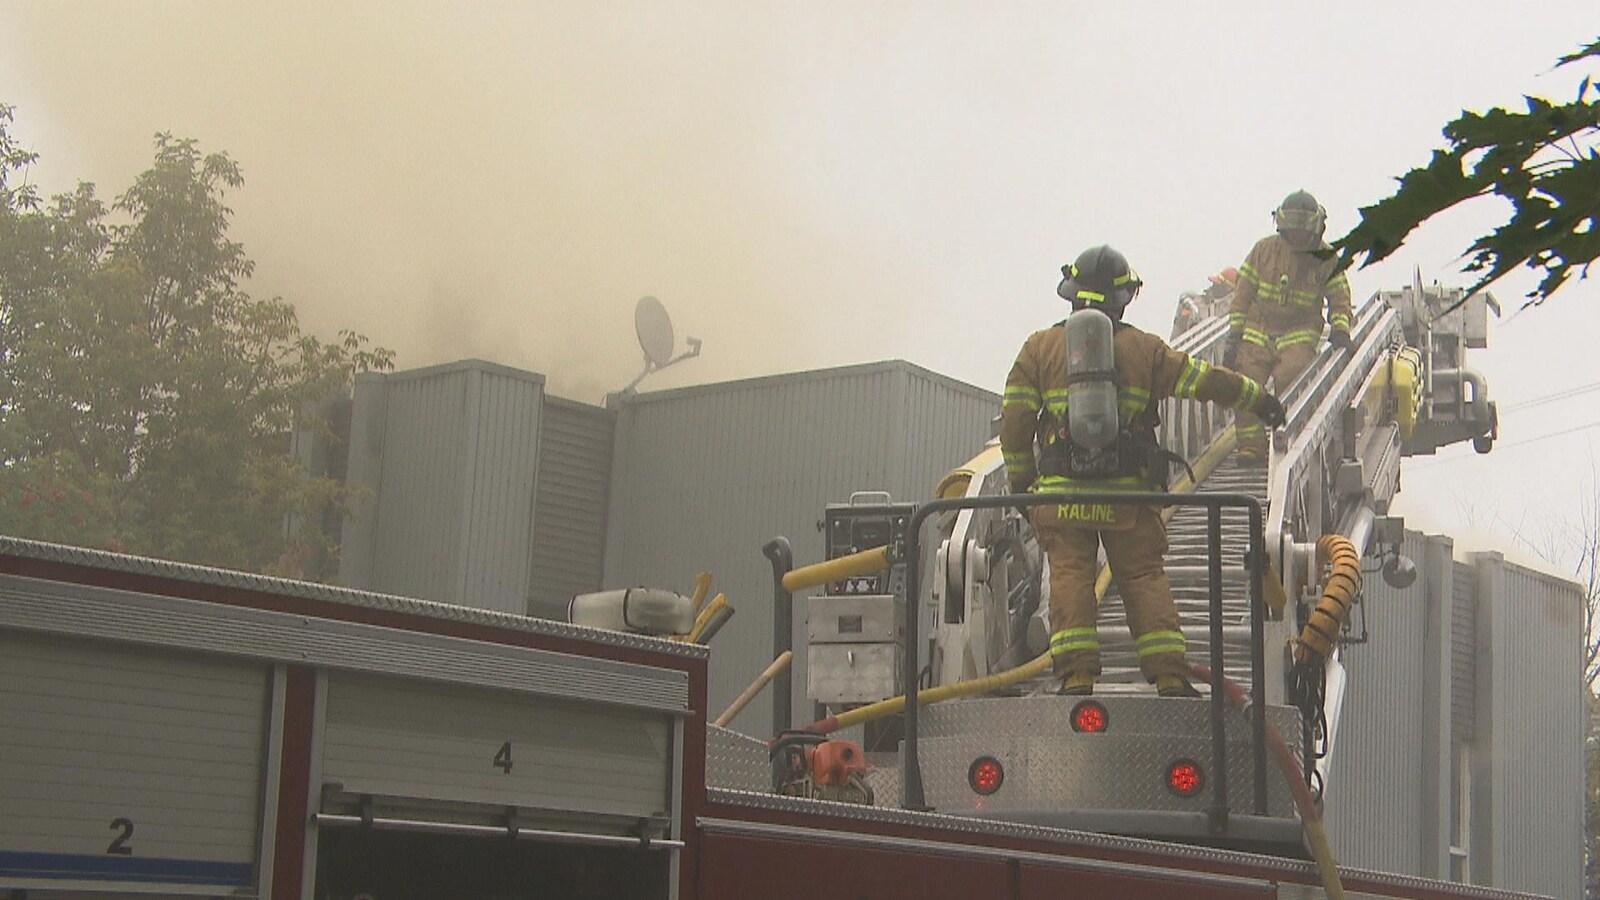 Des pompiers sur une échelle